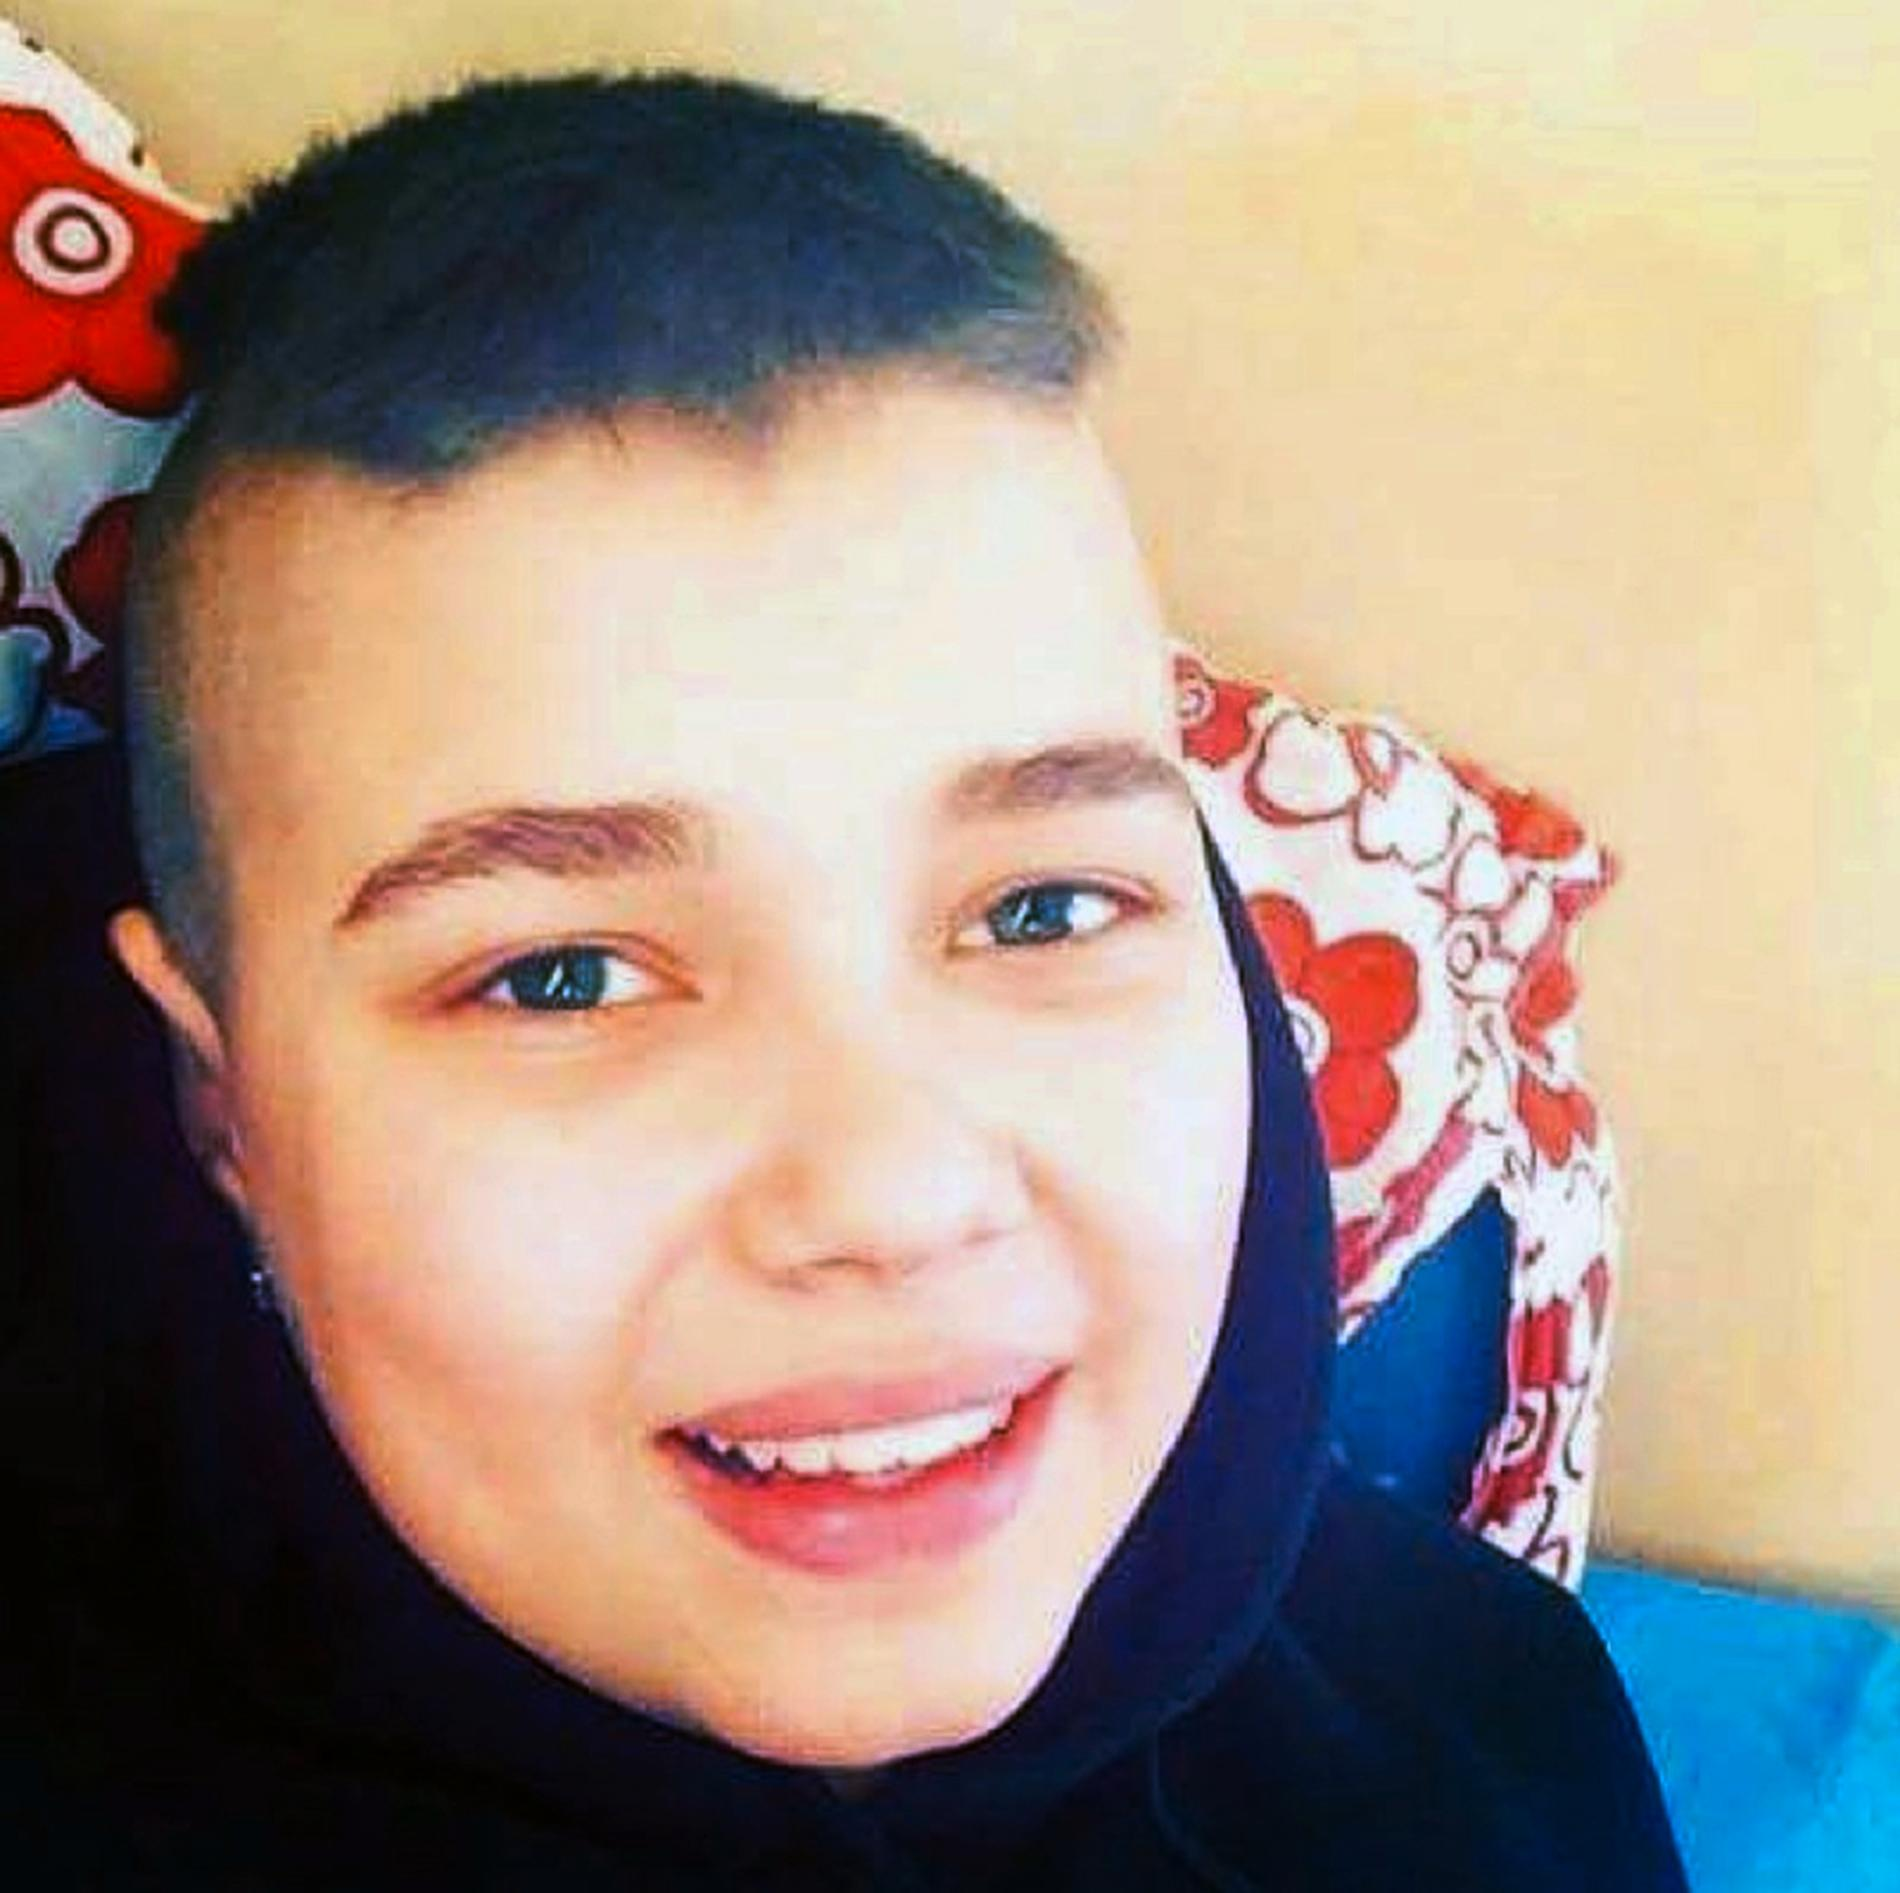 Robin Sinisalo, 15, räddade livet på sin bror, men sköts själv ihjäl av en okänd gärningsman.